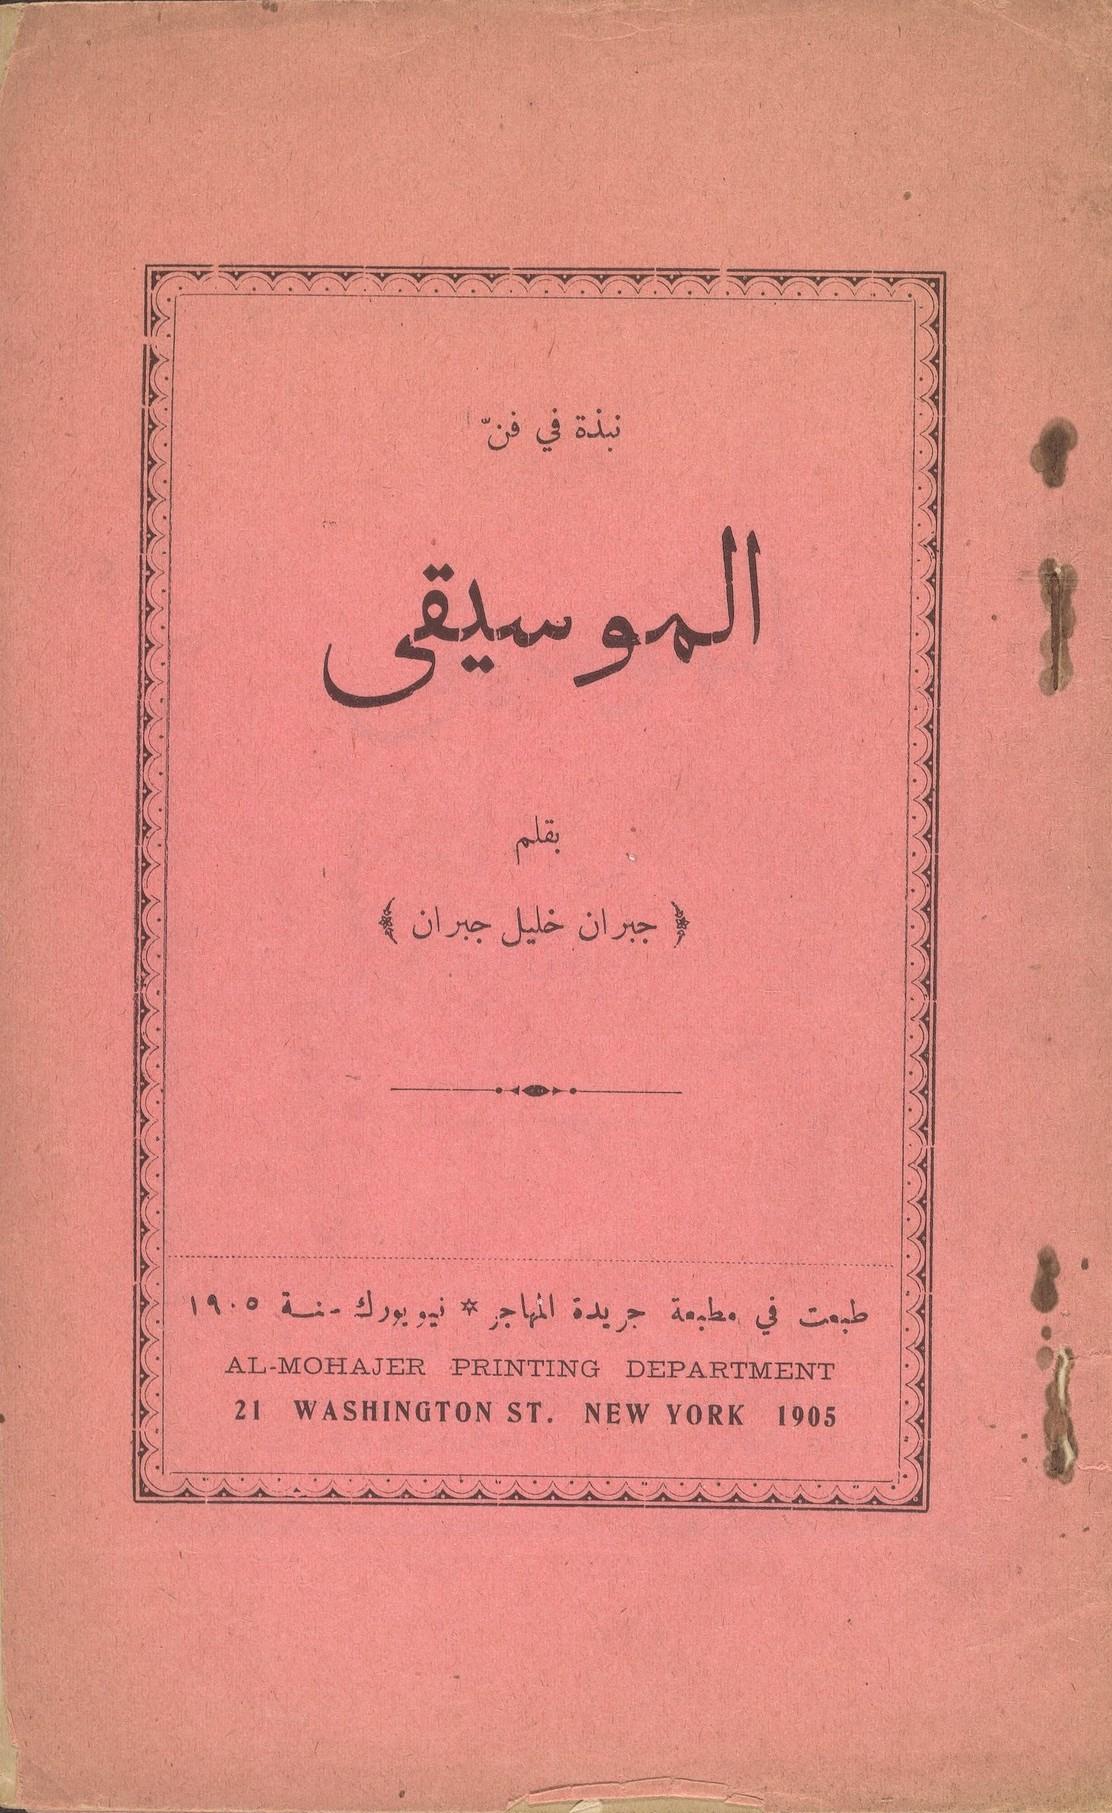 Nubdhah fī Fann al-Mūsīqá [The Music], New York: Maṭbaʻat Jarīdat al-Muhājir, 1905 [Pocket Edition].